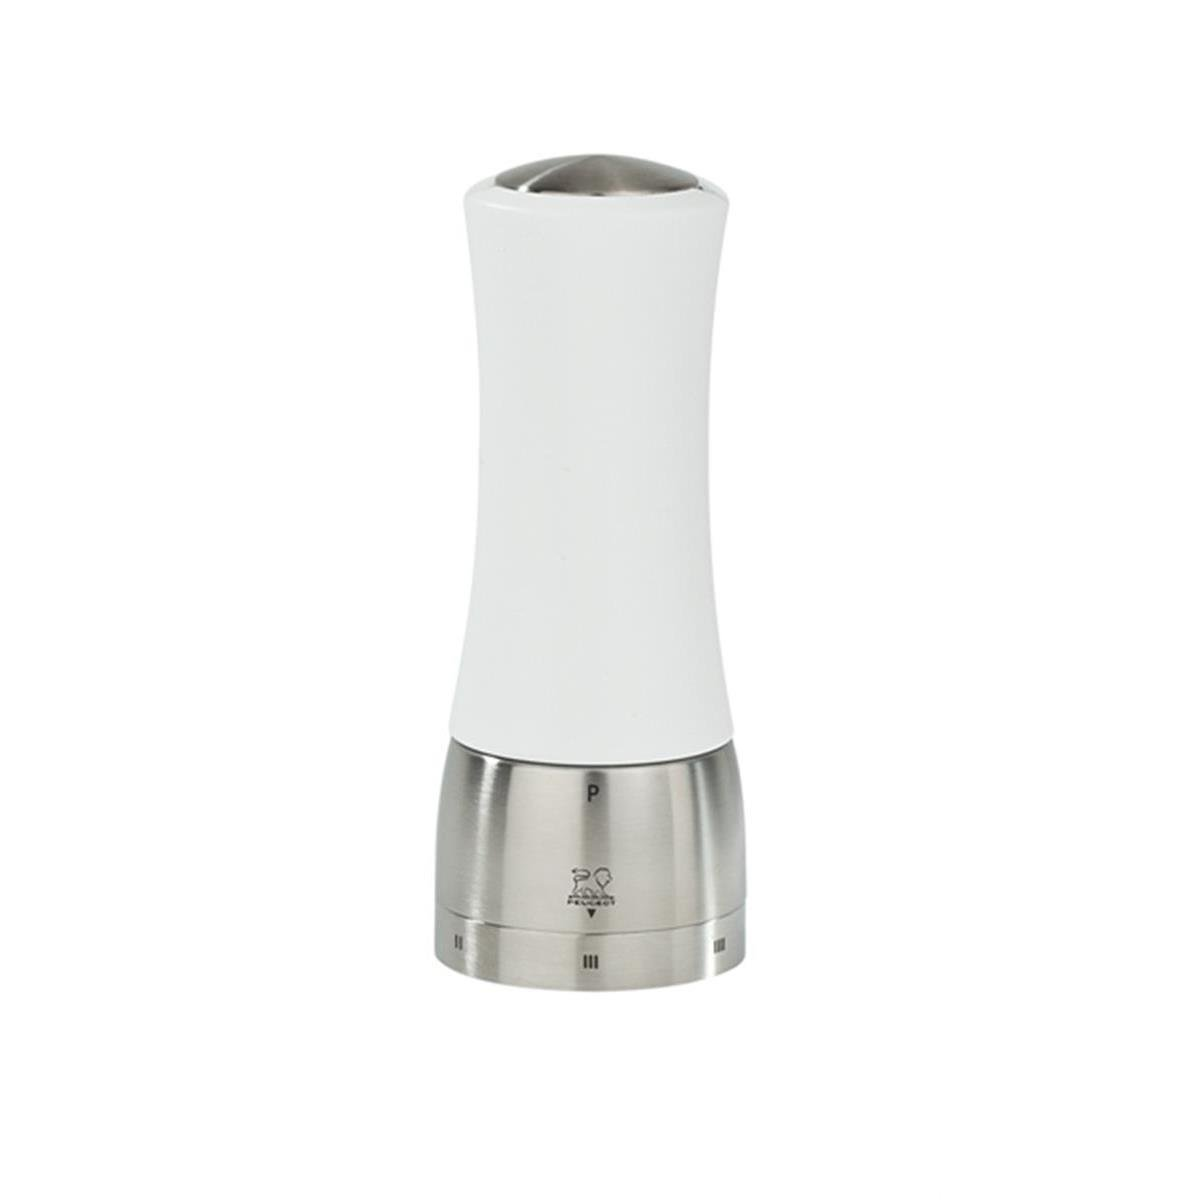 Peugeot 28831 Madras Pfeffermühle uSelect, 16 cm, weiß    Überprüfung und weitere Informationen